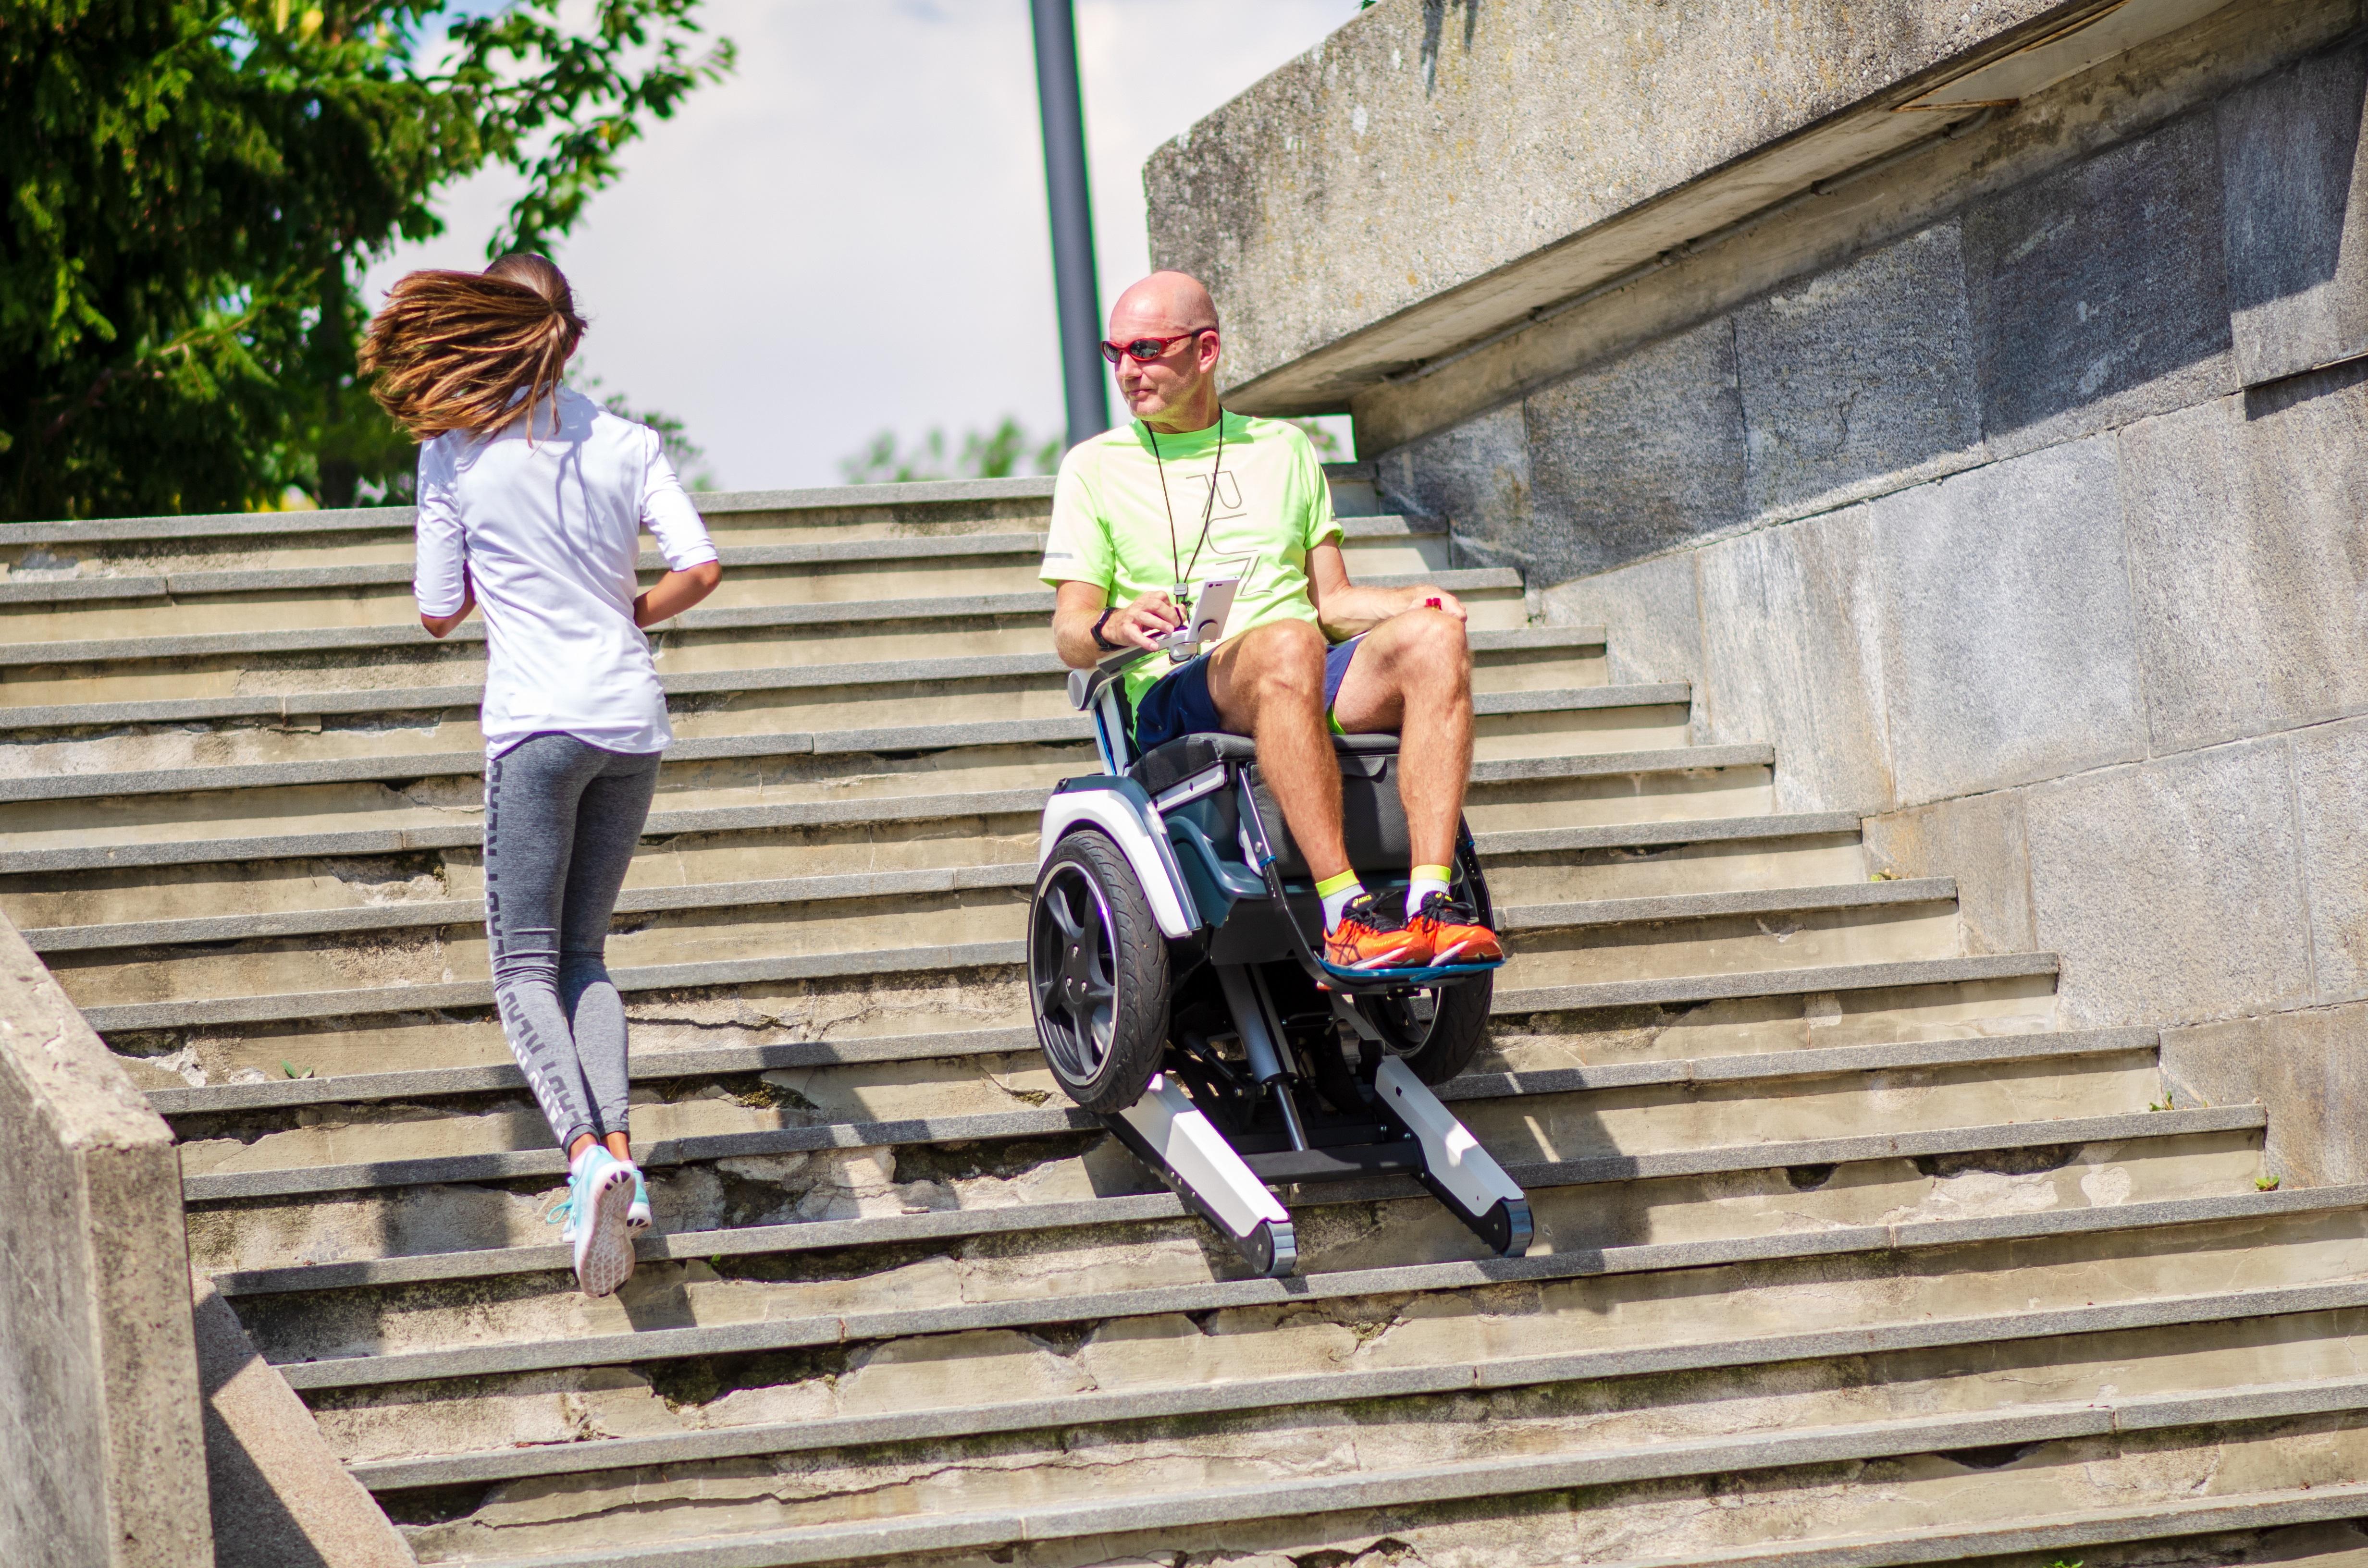 Bild eines Secwo-Rollstuhls, der eine Treppe hochfährt